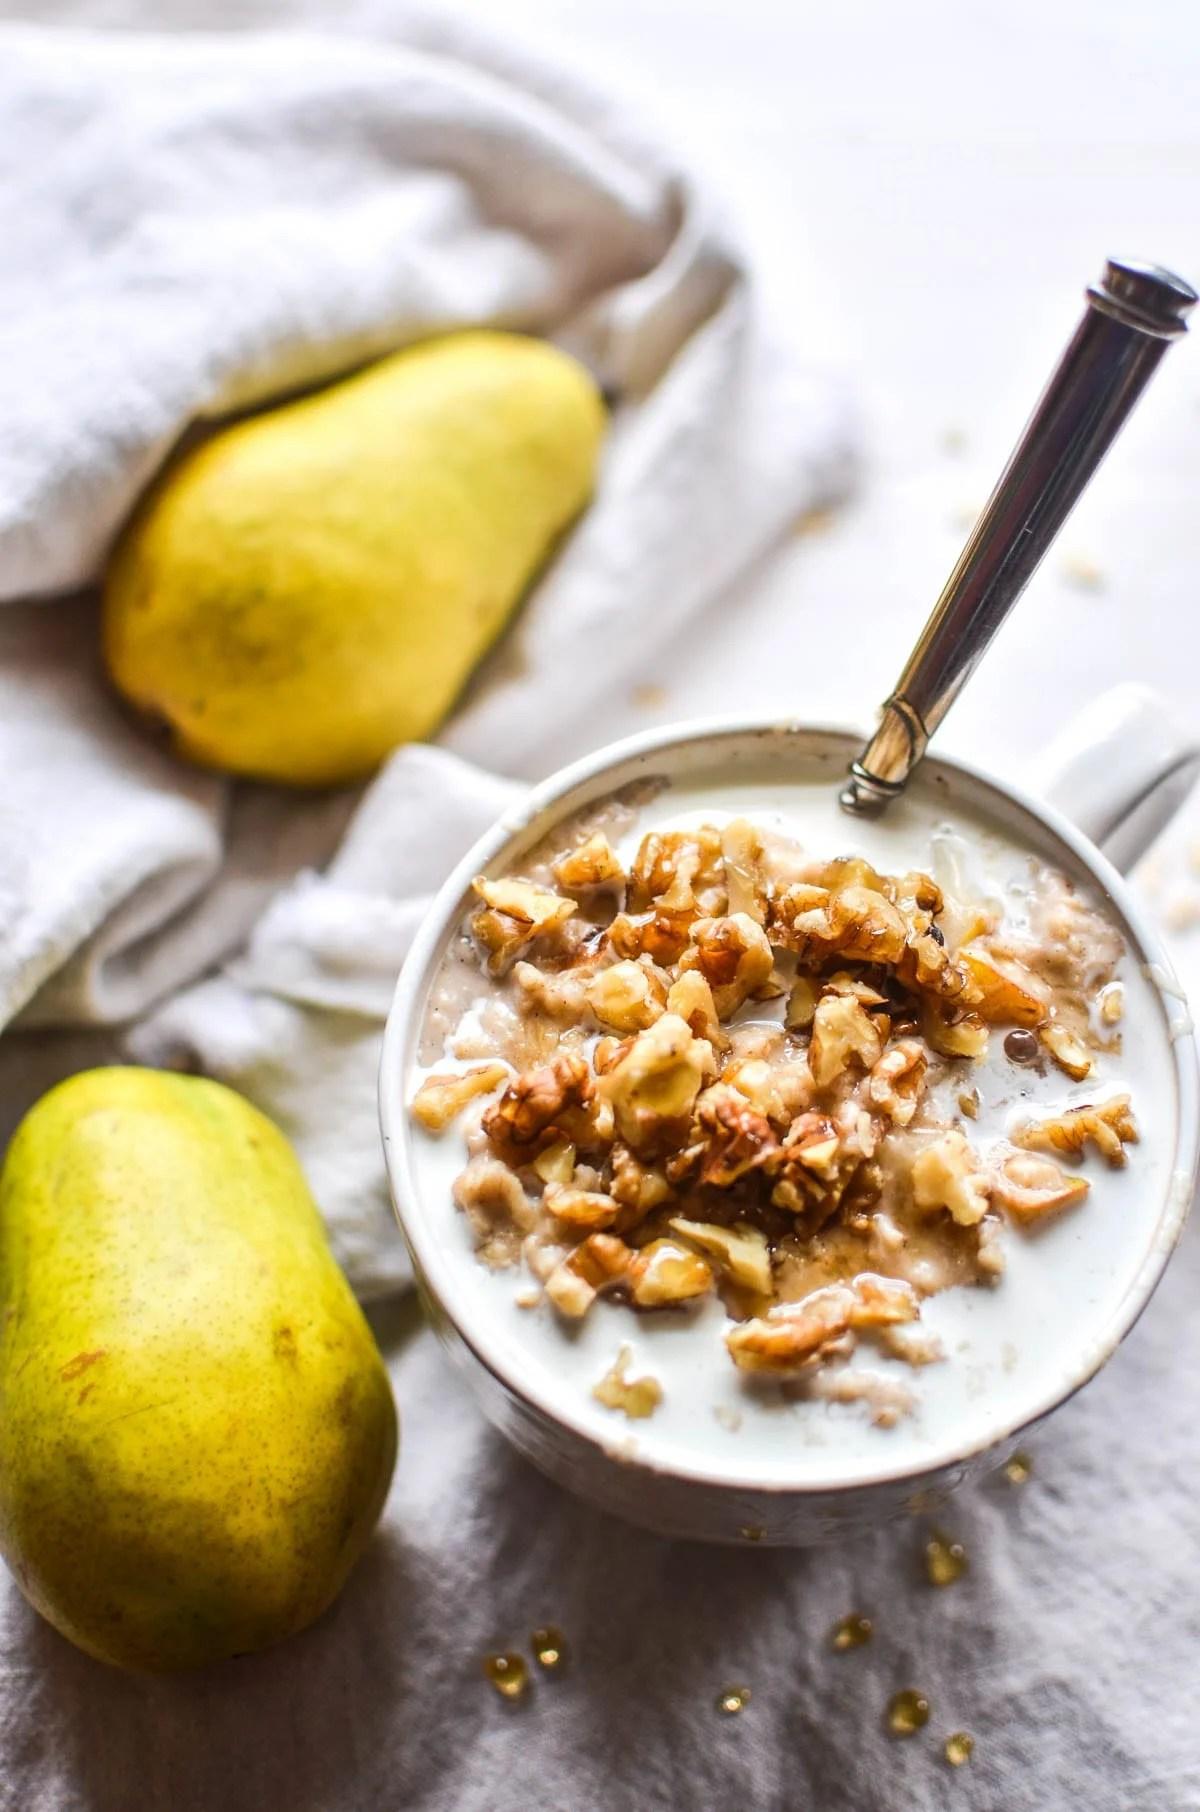 Spiced Vanilla Pear Oatmeal